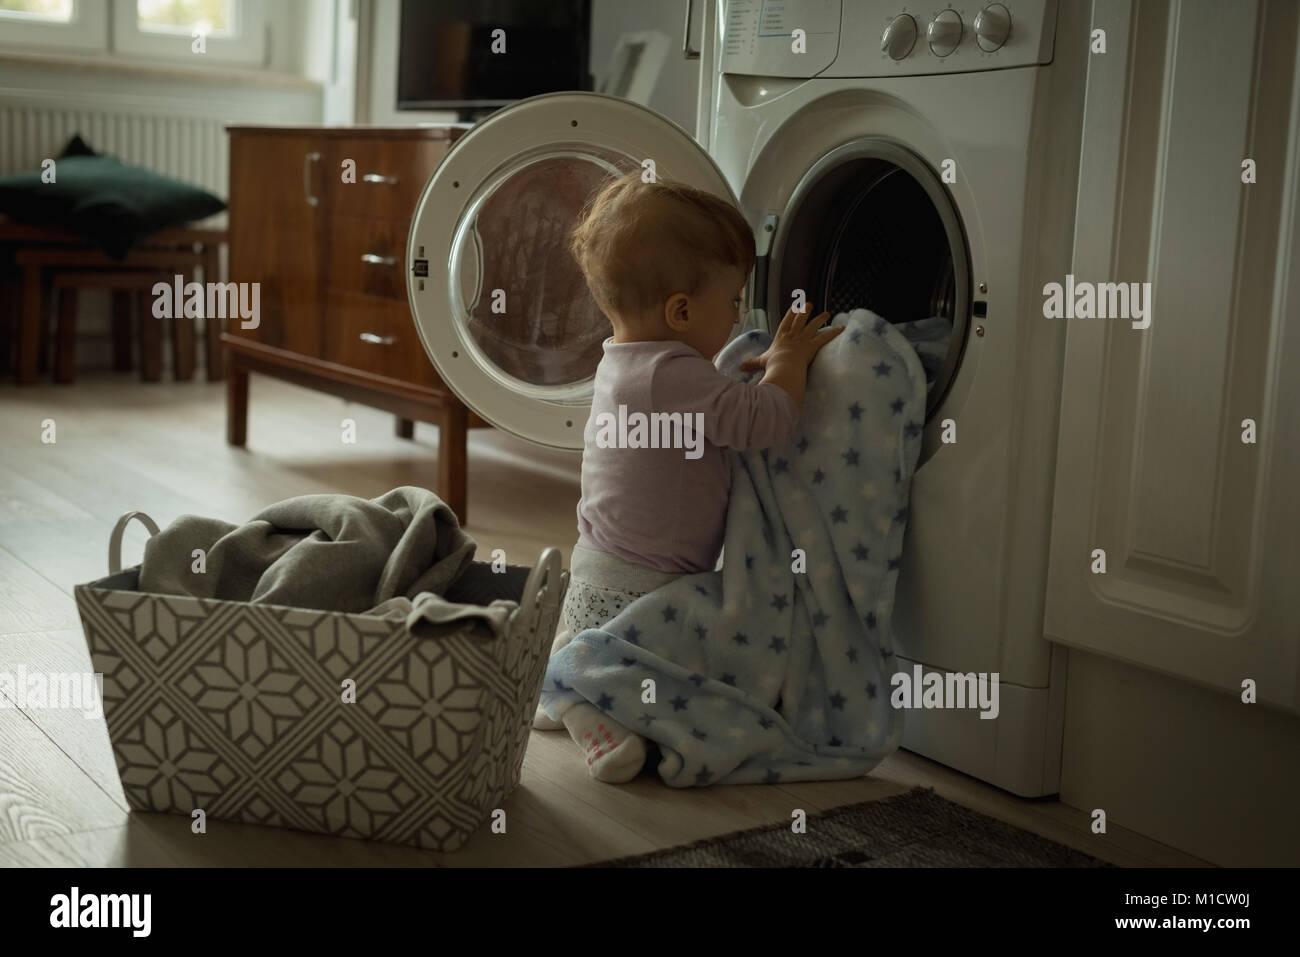 Bebé poniendo la ropa dentro de la lavadora Imagen De Stock